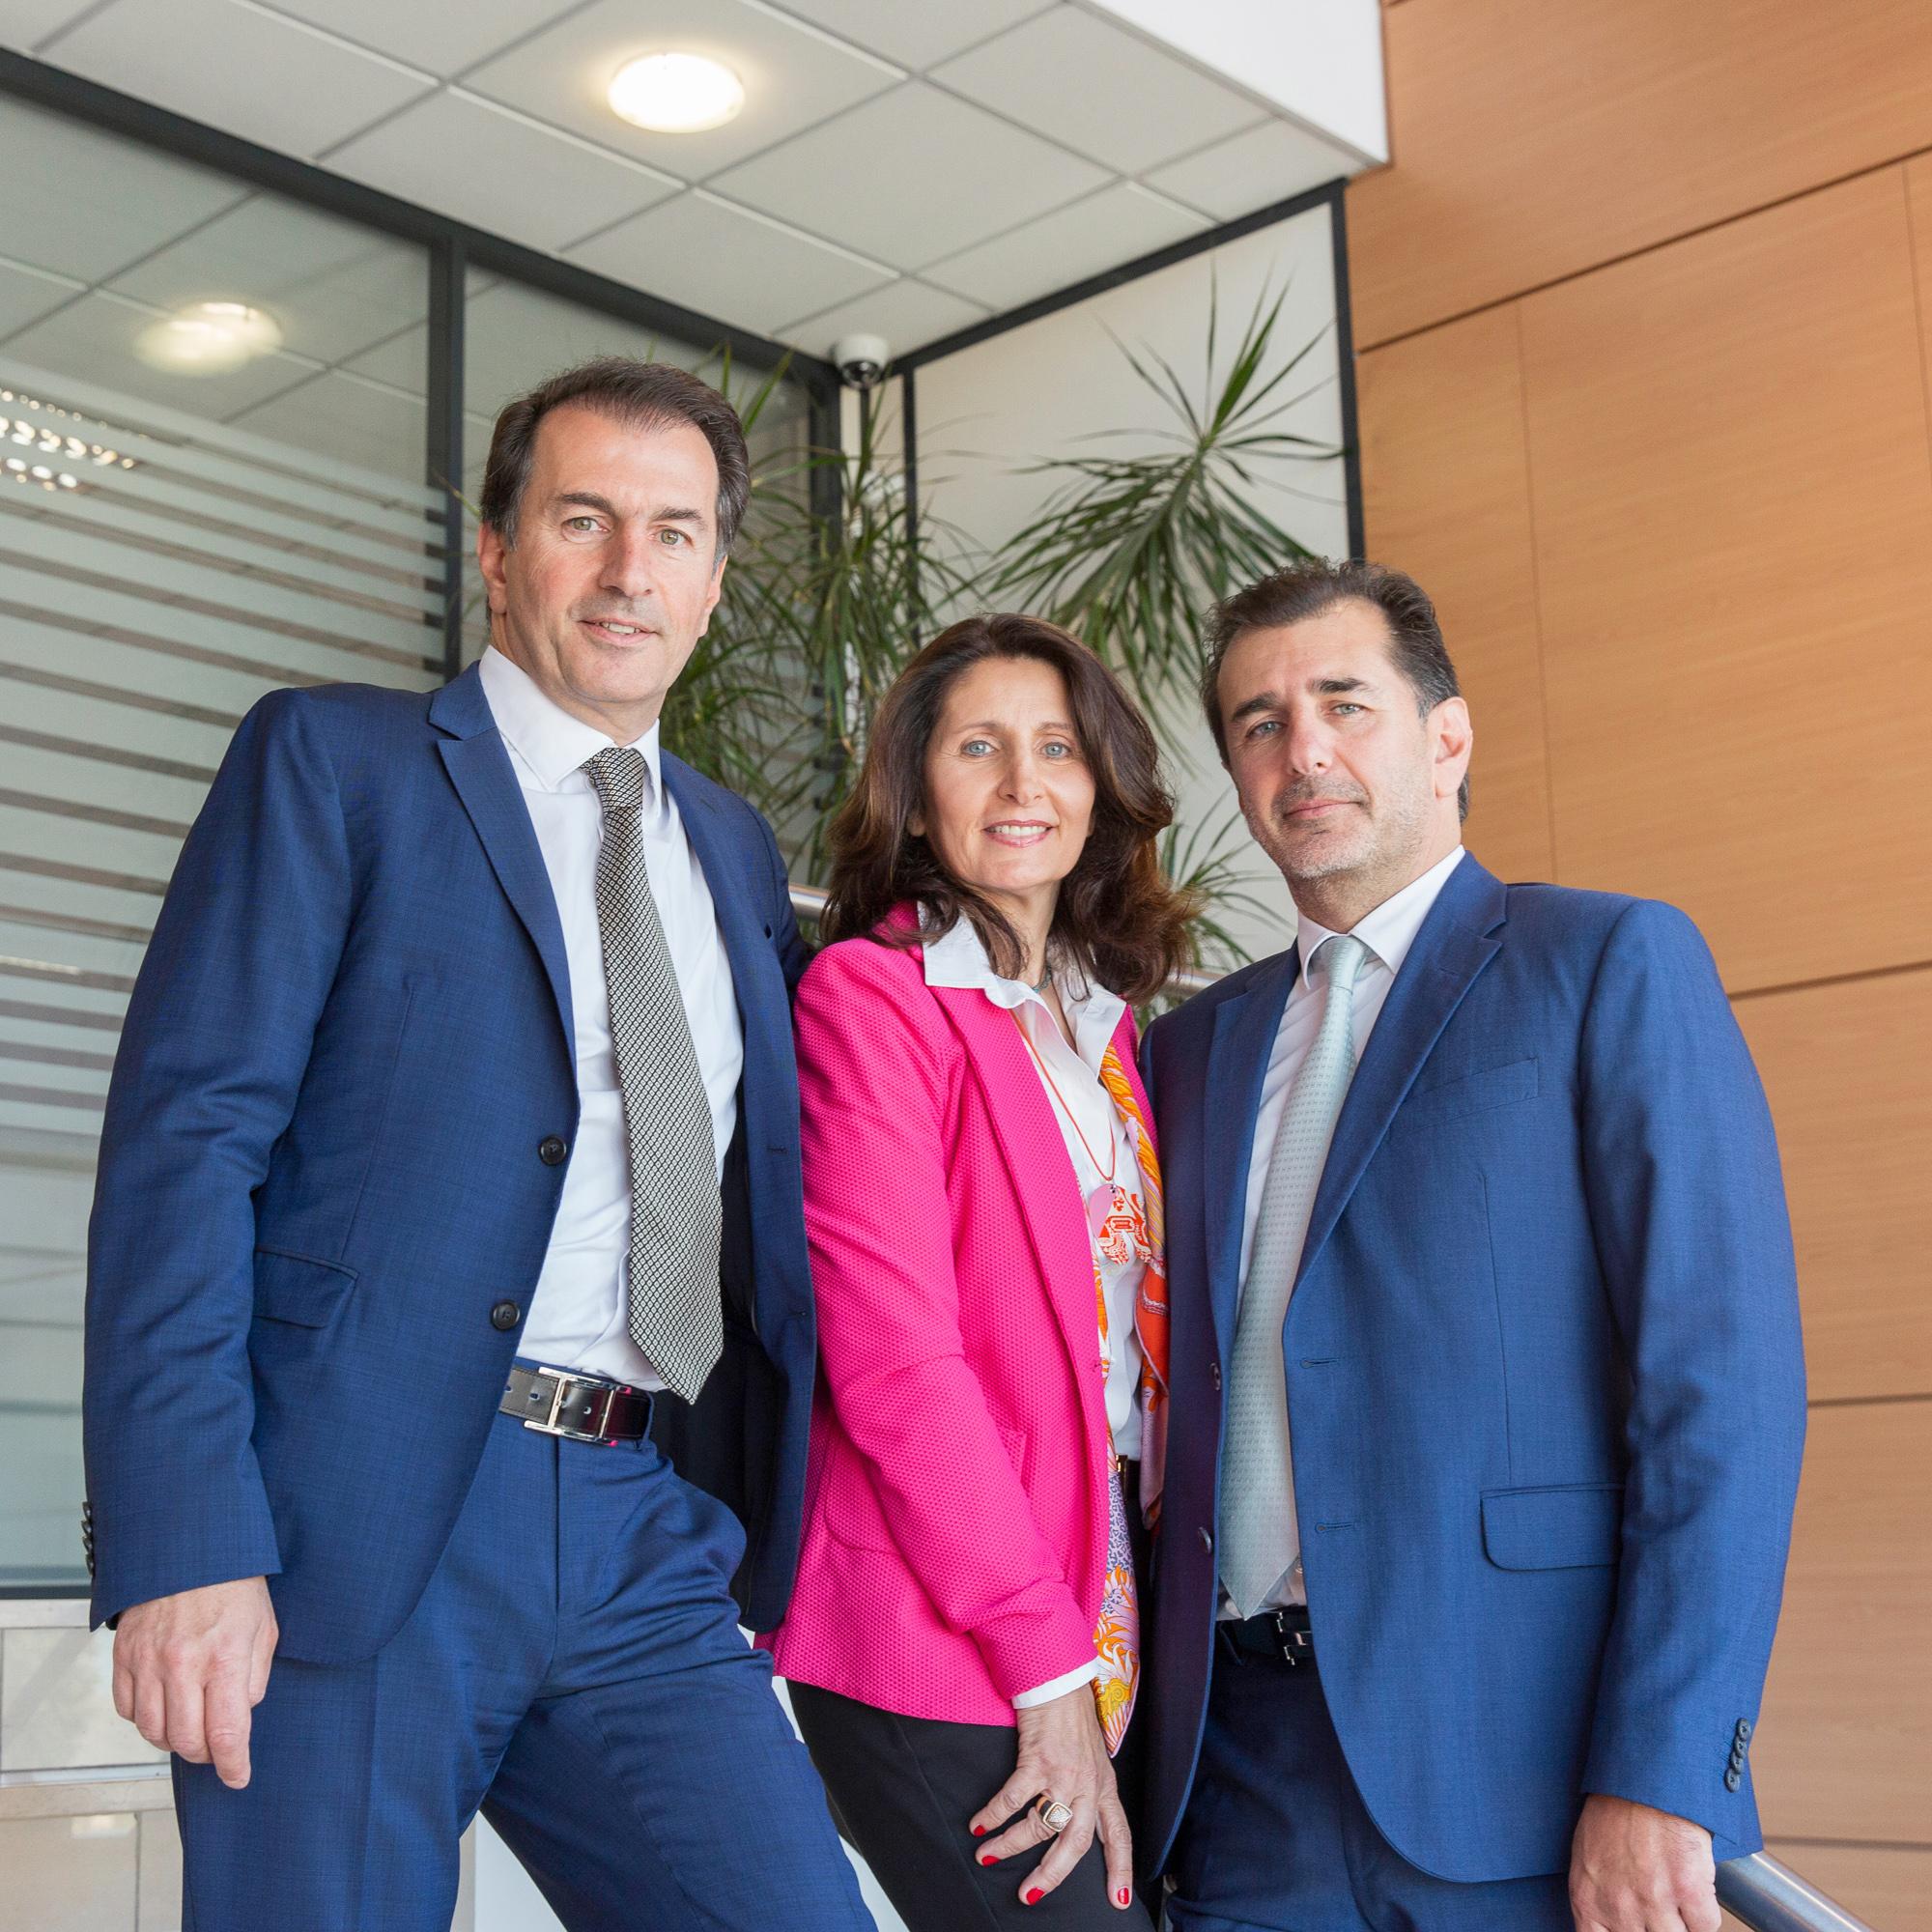 Les dirigeants d'Aramine en photo pour leur communication d'entreprise